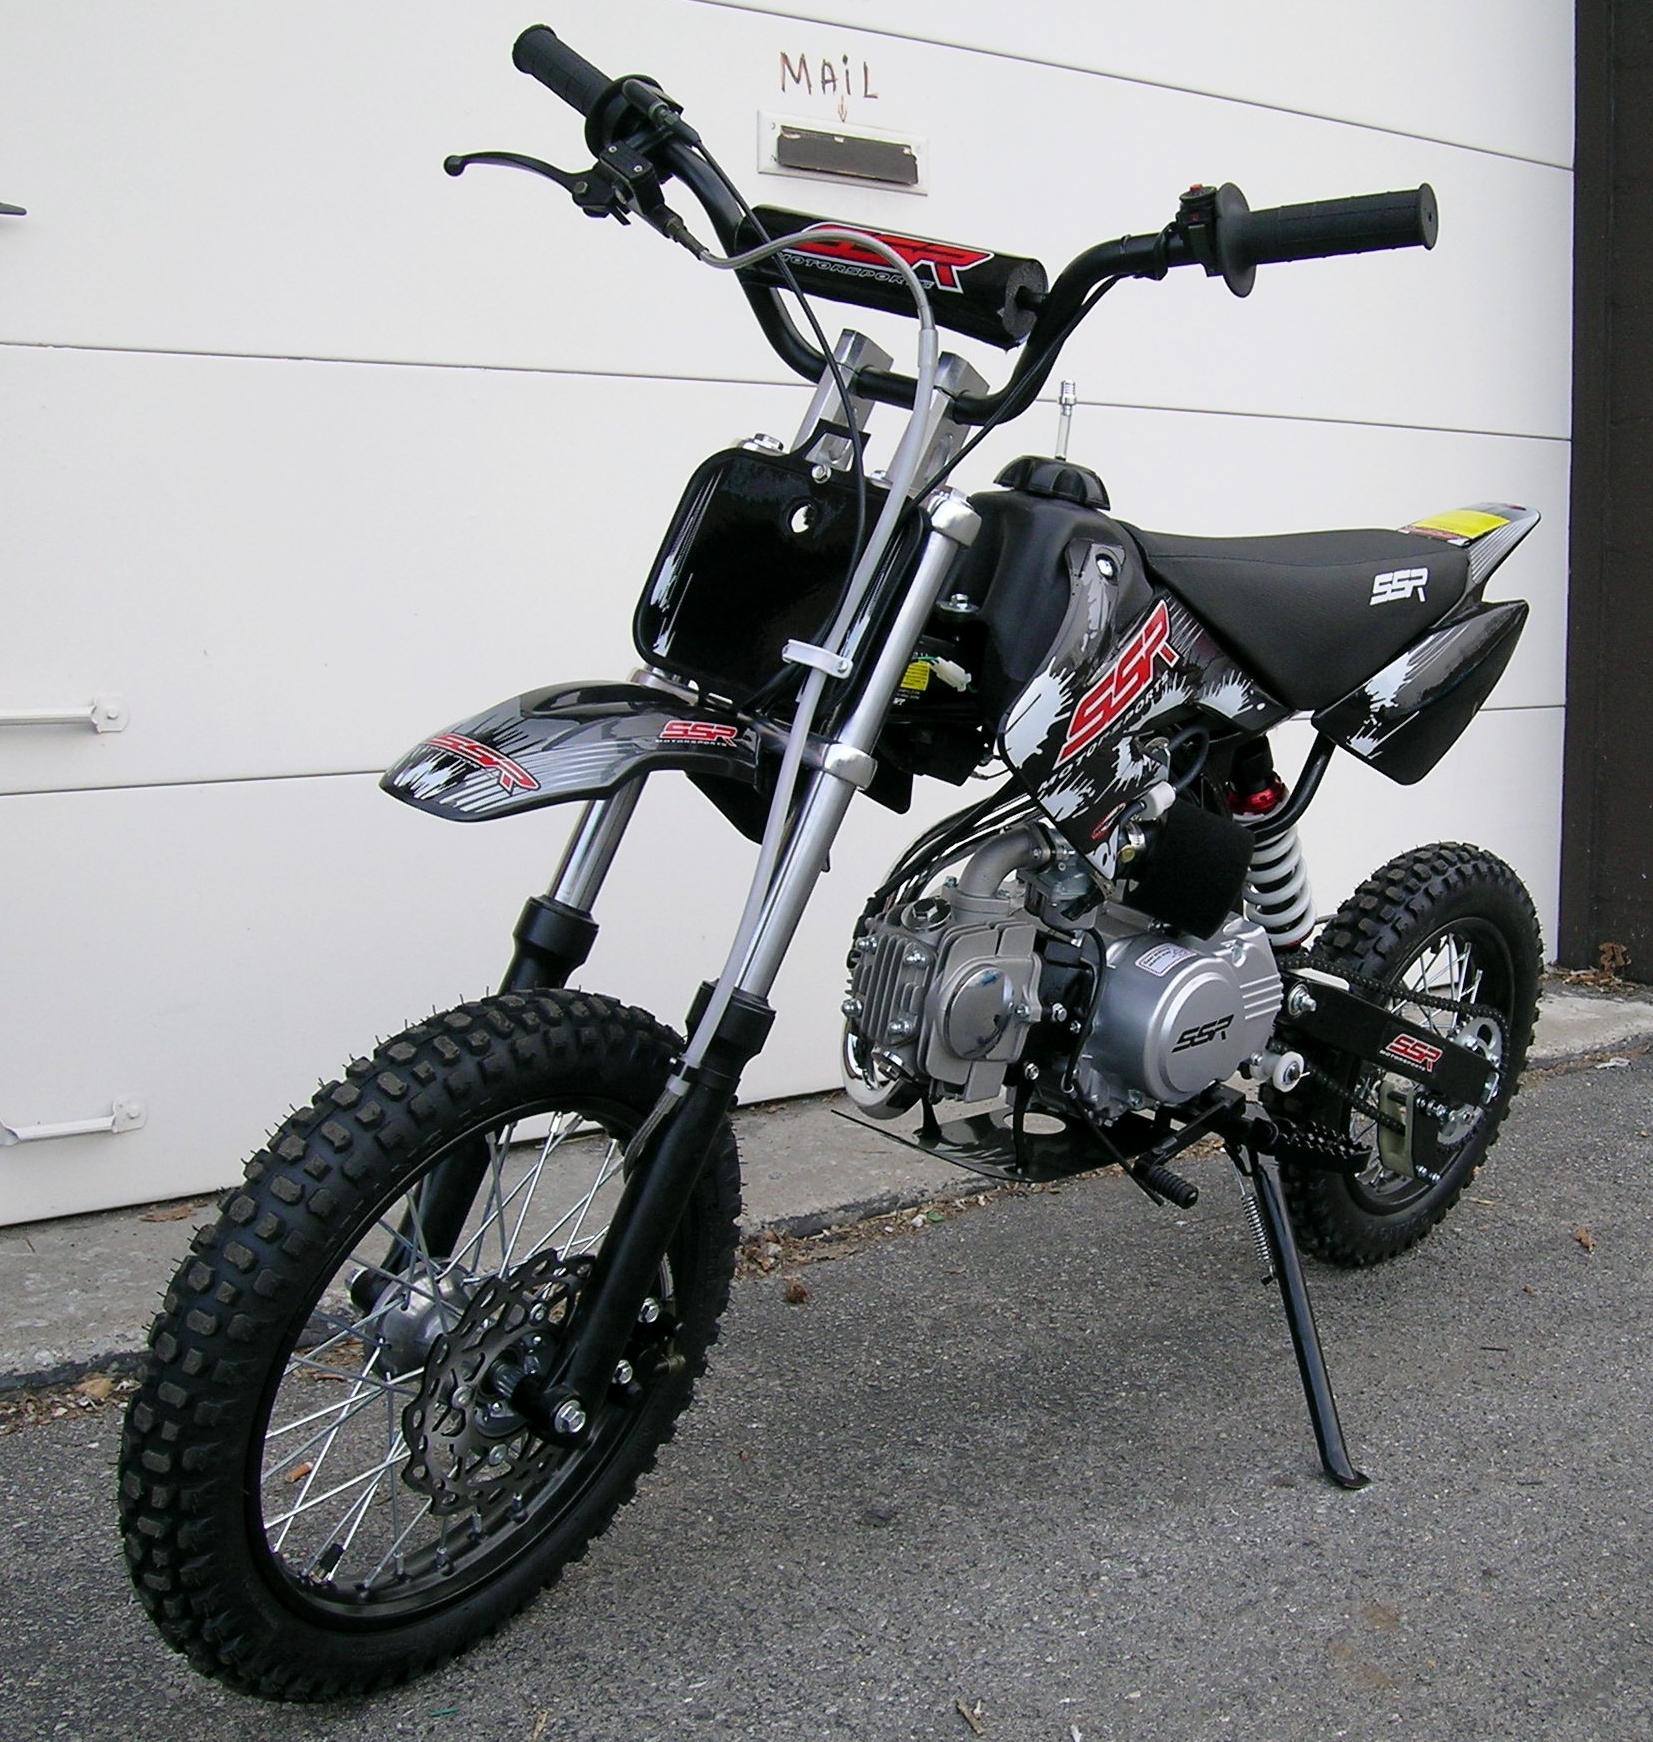 DSCN4969.JPG